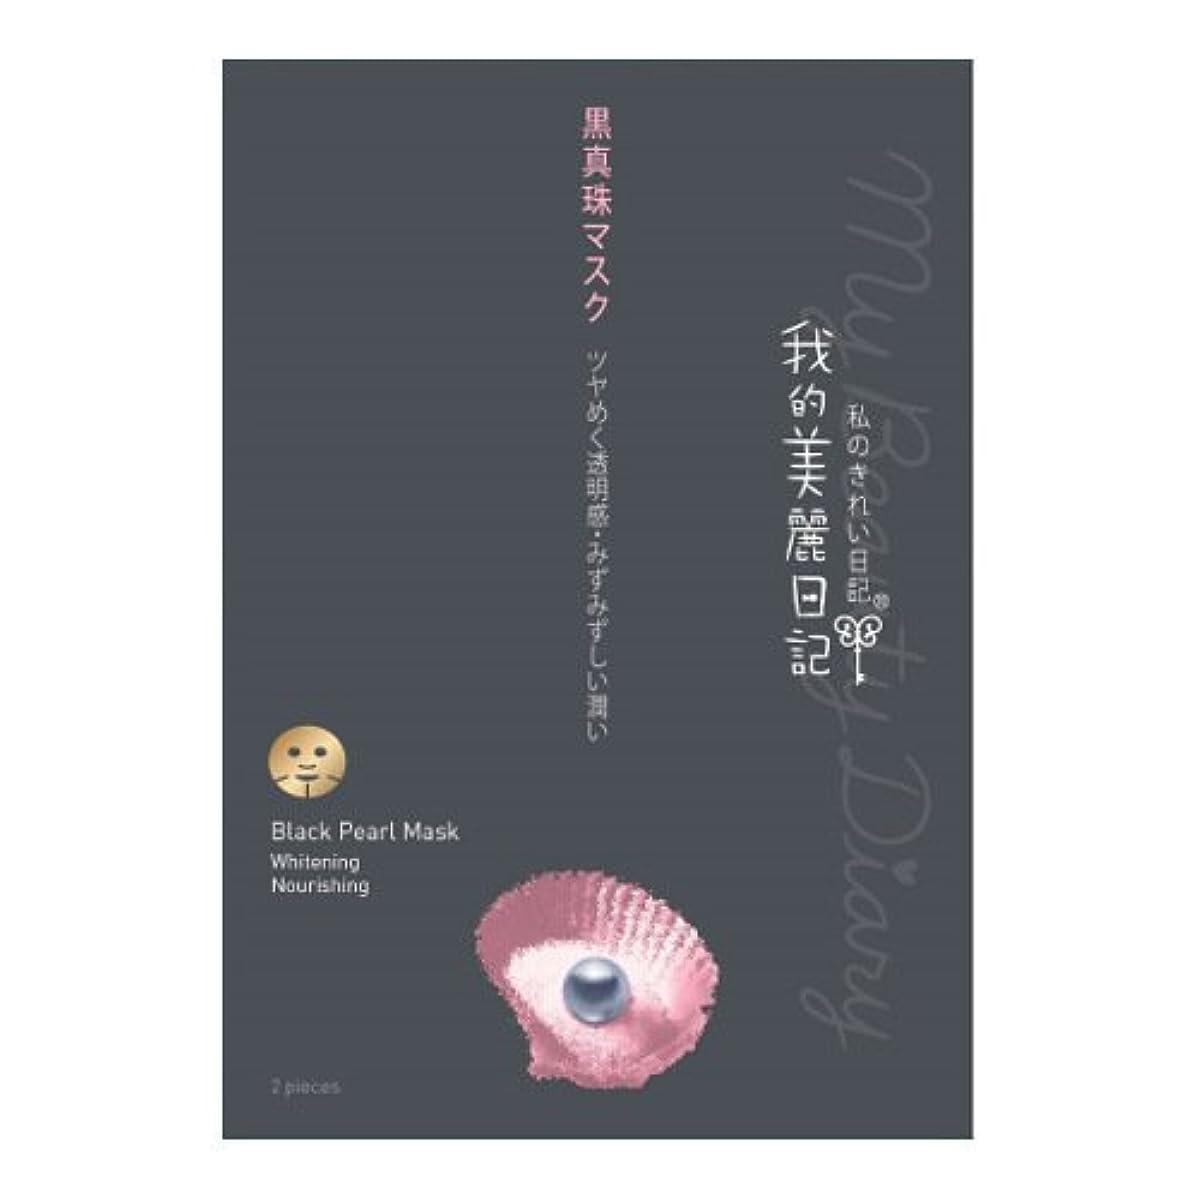 メディカル小数著作権我的美麗日記 私のきれい日記 黒真珠マスク 23ml×2枚